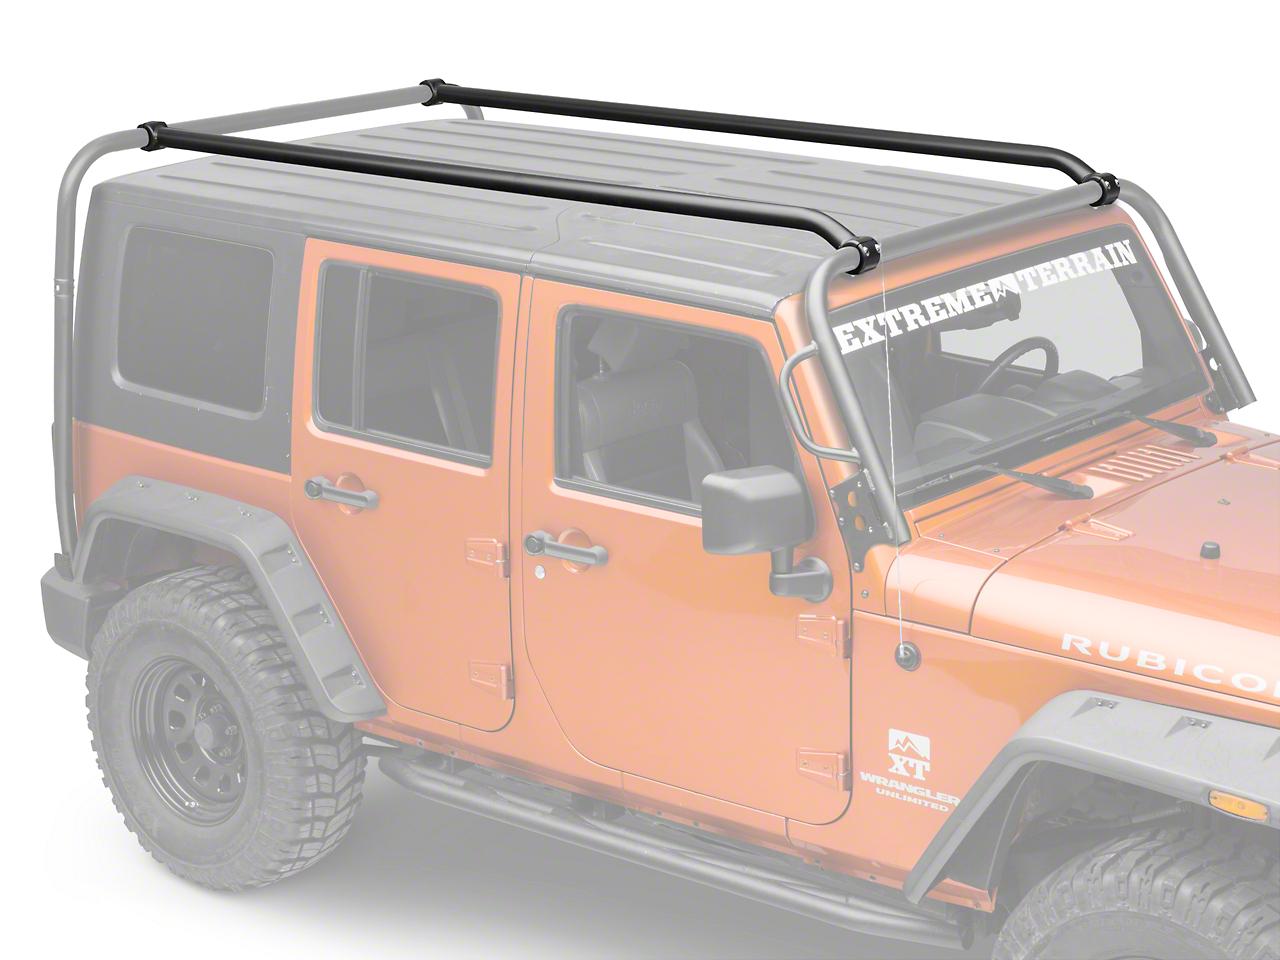 Kargo Master Congo Pro Roof Rails (07-18 Jeep Wrangler JK 4 Door)